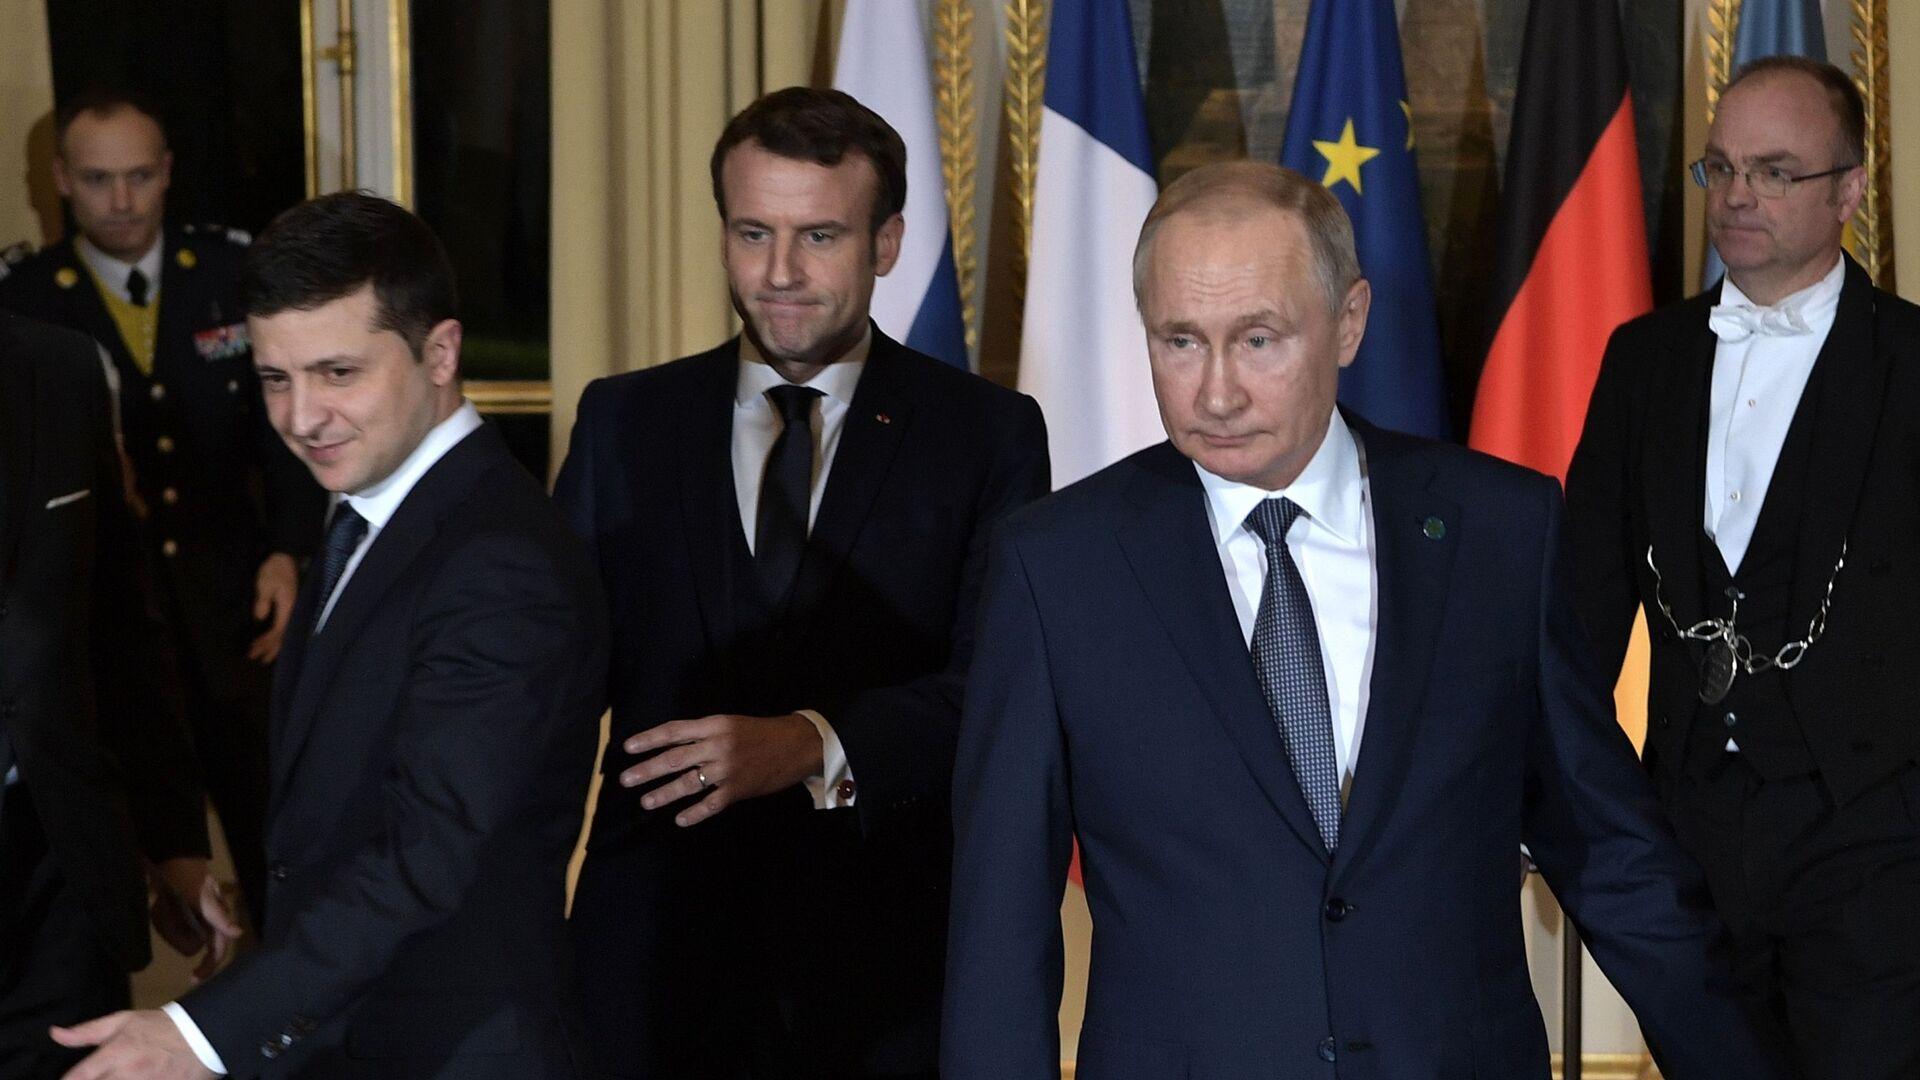 """Szczyt """"normandzkiej czwórki"""" w Paryżu. Wołodymyr Zełenski, Emmanuel Macron i Władimir Putin. - Sputnik Polska, 1920, 13.07.2021"""